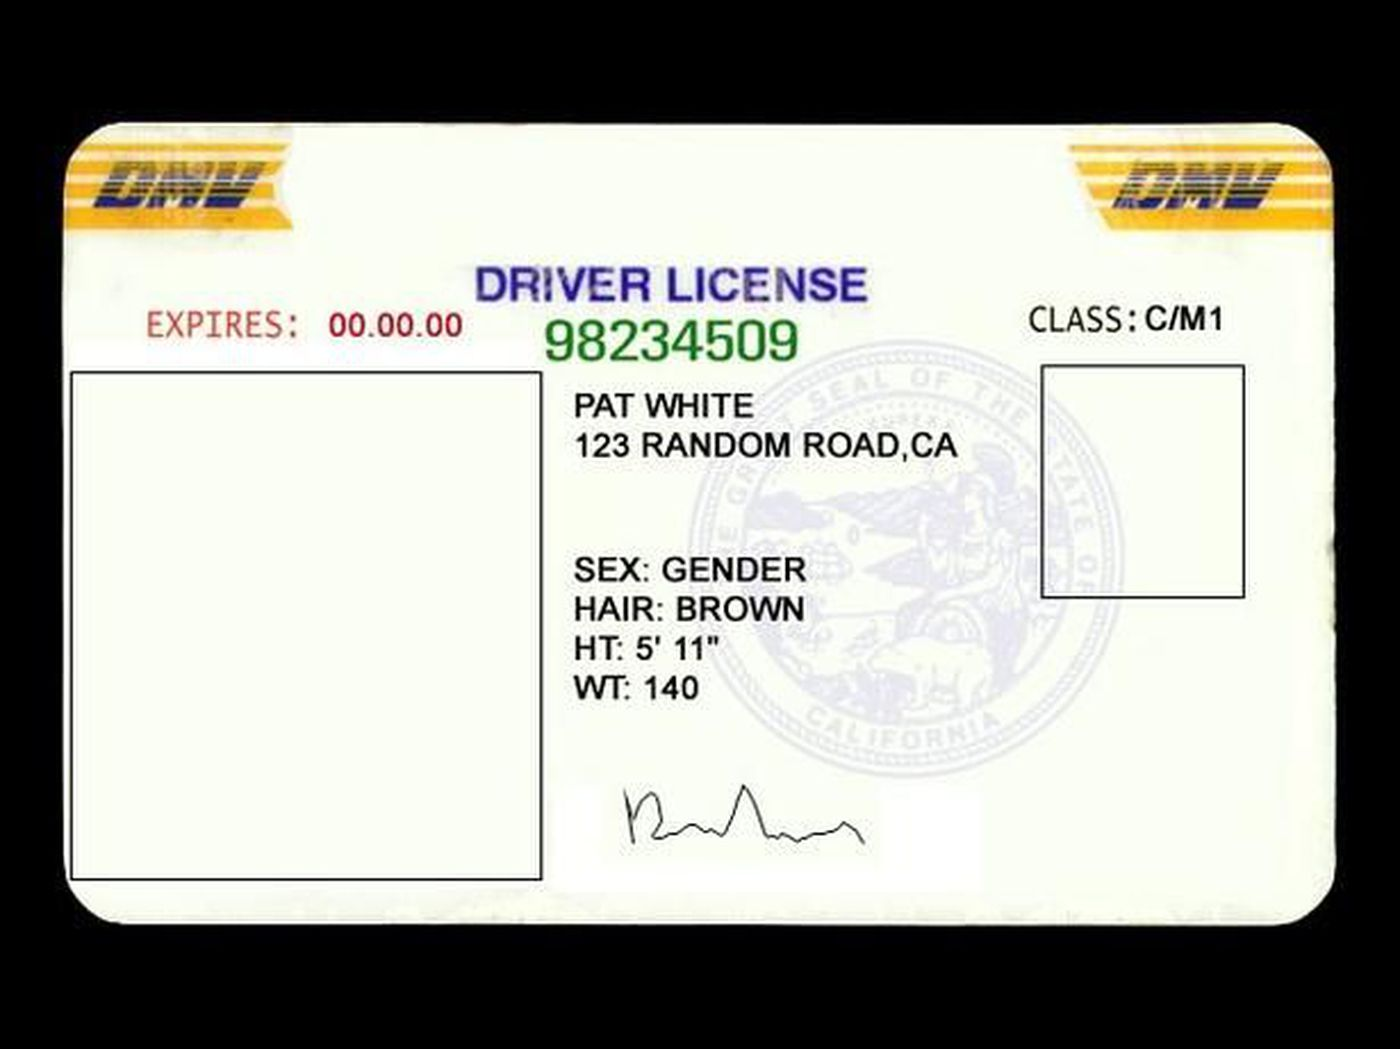 Carolina License Drivers 2013 Carolina North 2013 Drivers License North